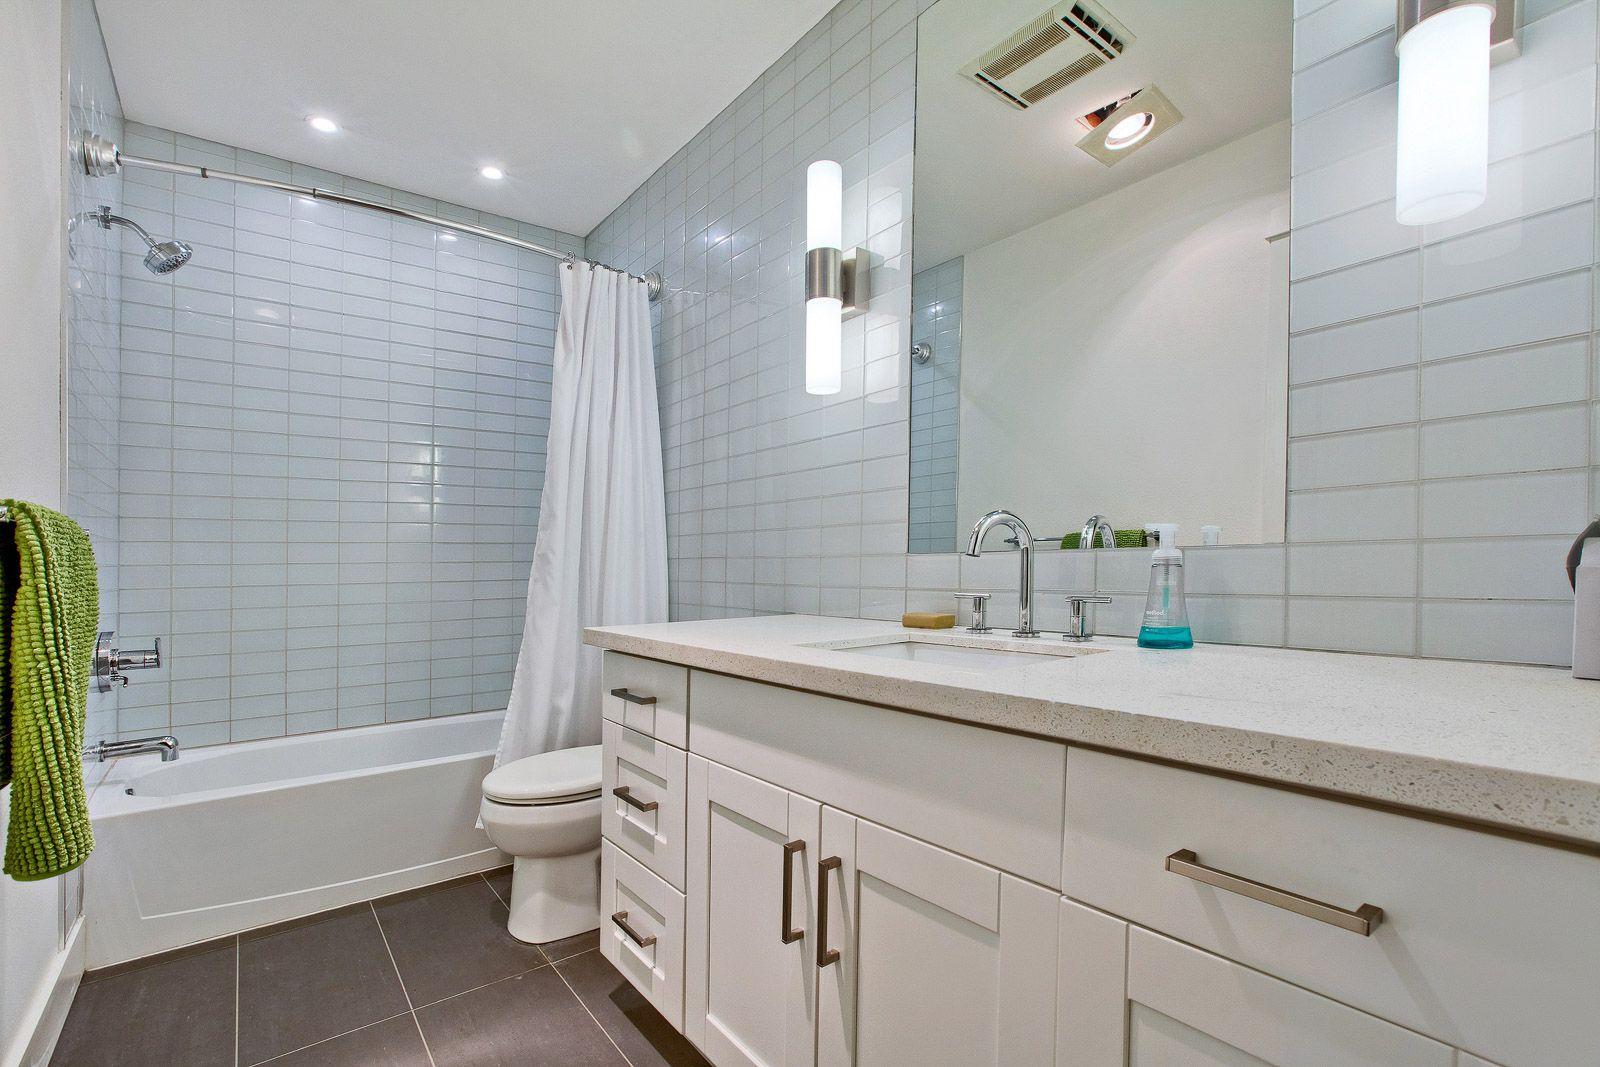 120 20170203 imgl1550 bathroom vanity bathroom vanity